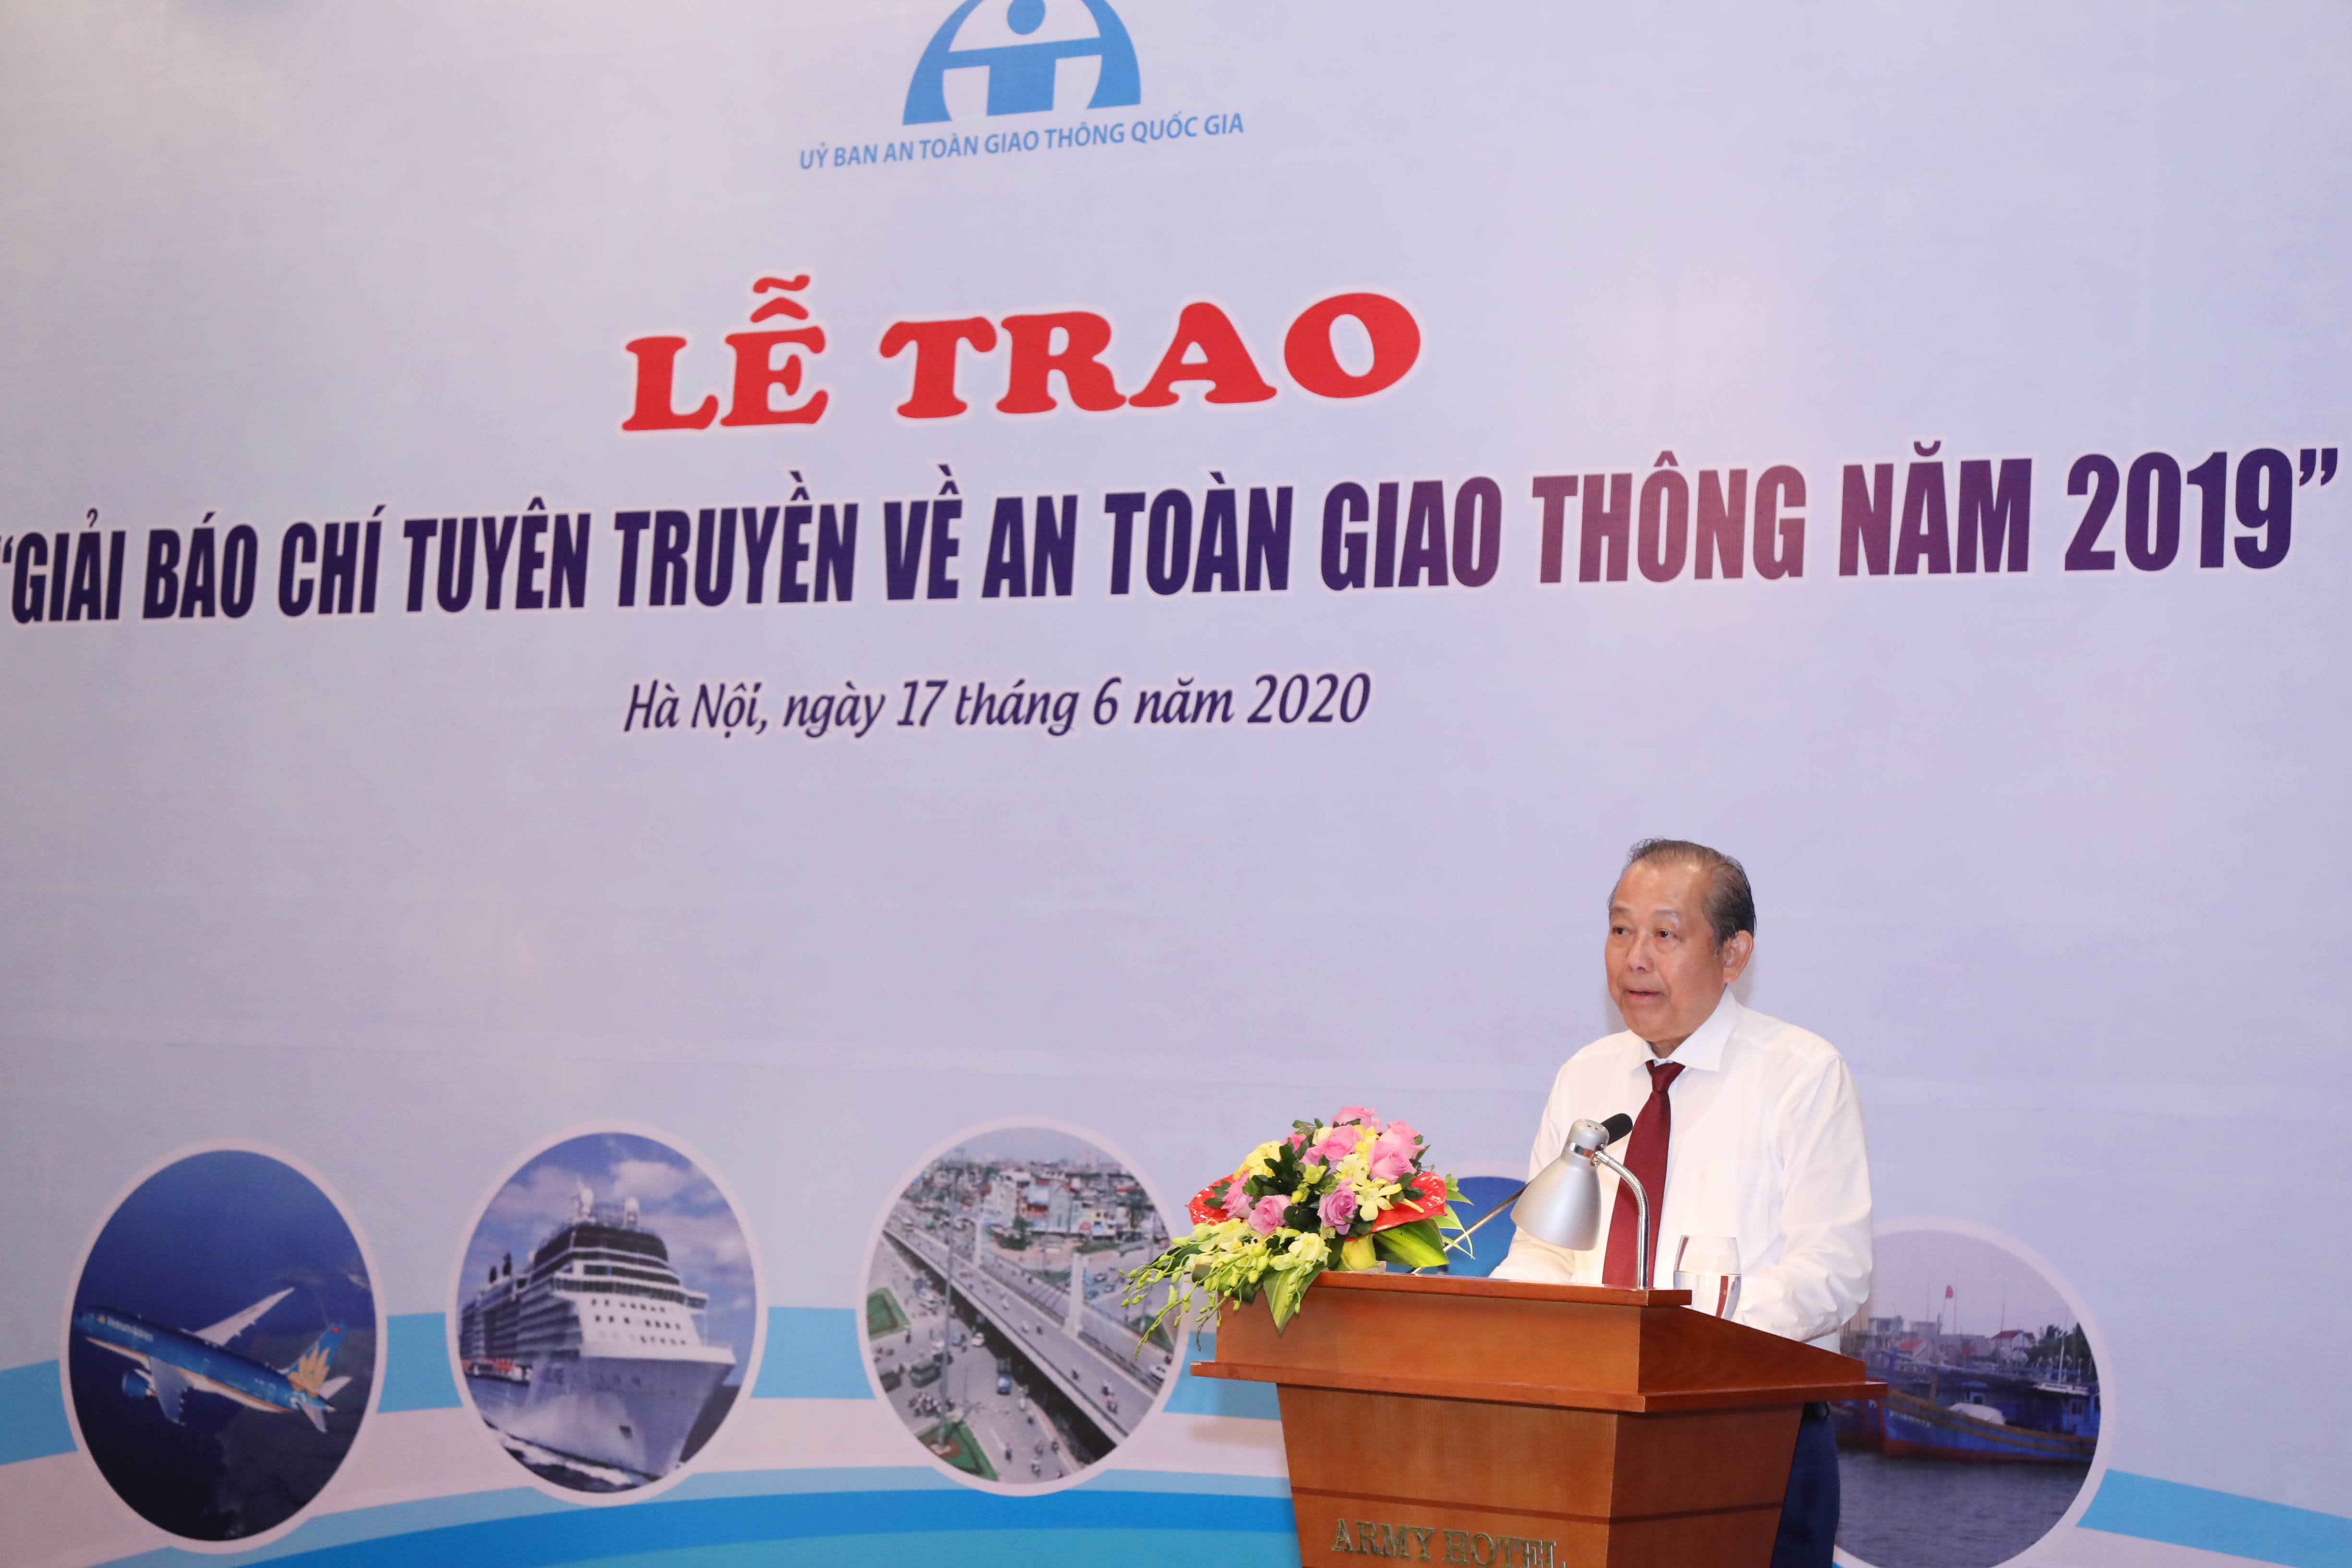 Phó Thủ tướng Thường trực Chính phủ Trương Hòa Bình phát biểu tại buổi Lễ.Ảnh: Quang Vinh.